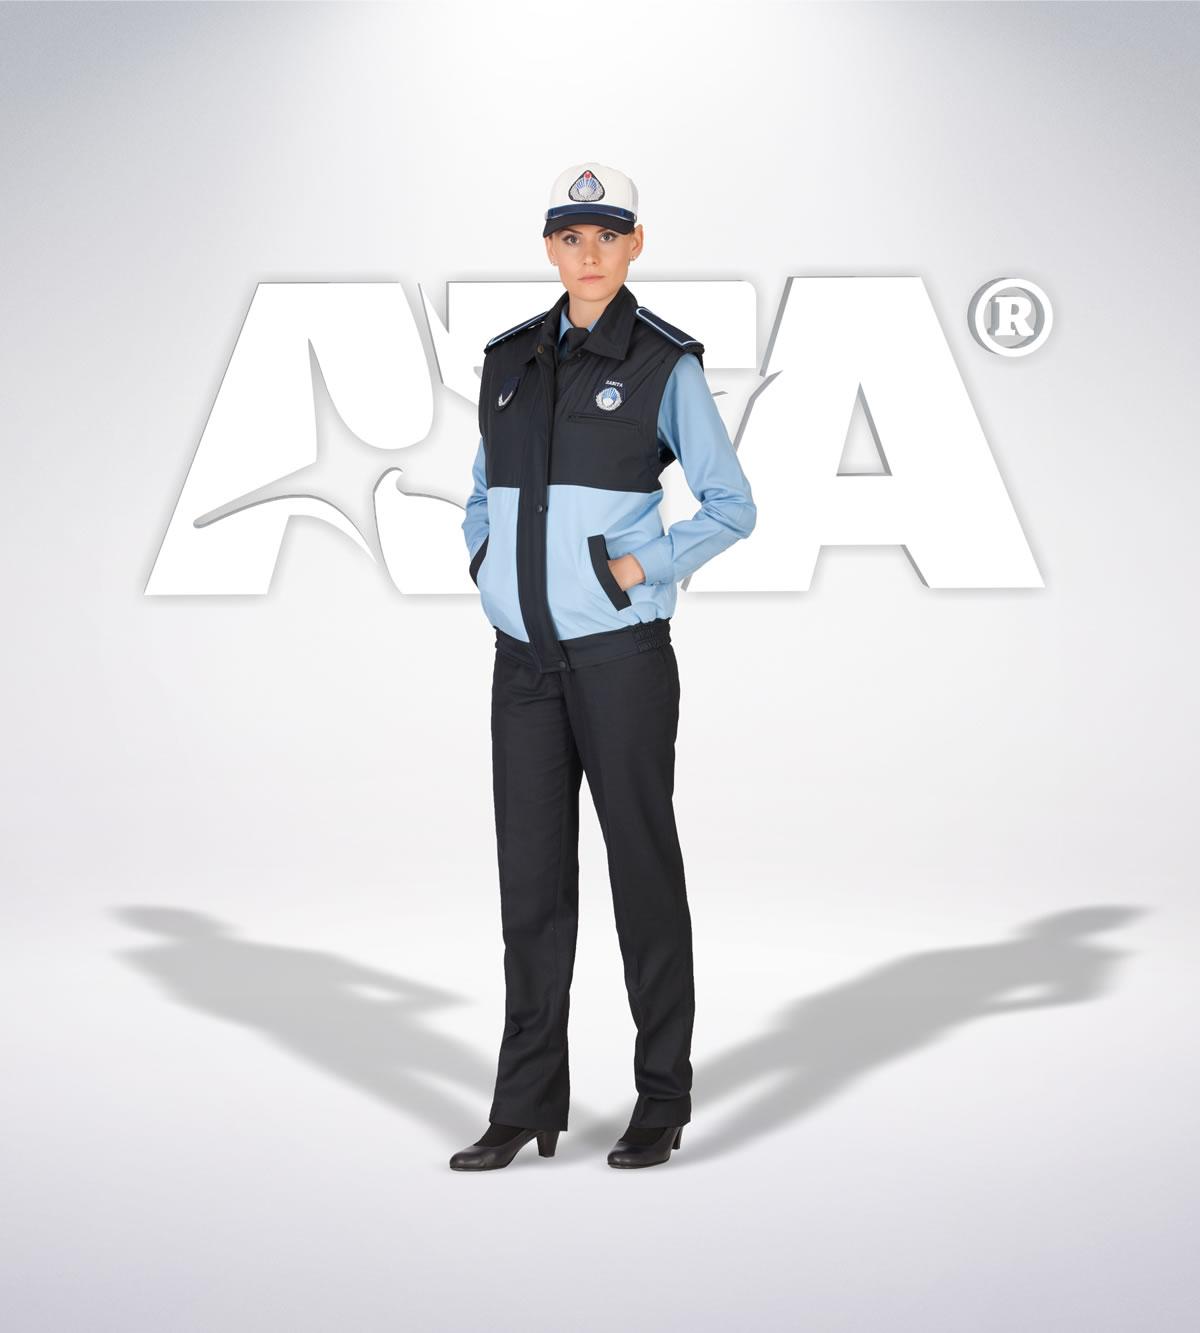 ATA 209 - Pantolon kışlık -mont-reflektör-aksesuar - zabıta elbiseleri | zabıta üniformaları | zabıta kıyafetleri